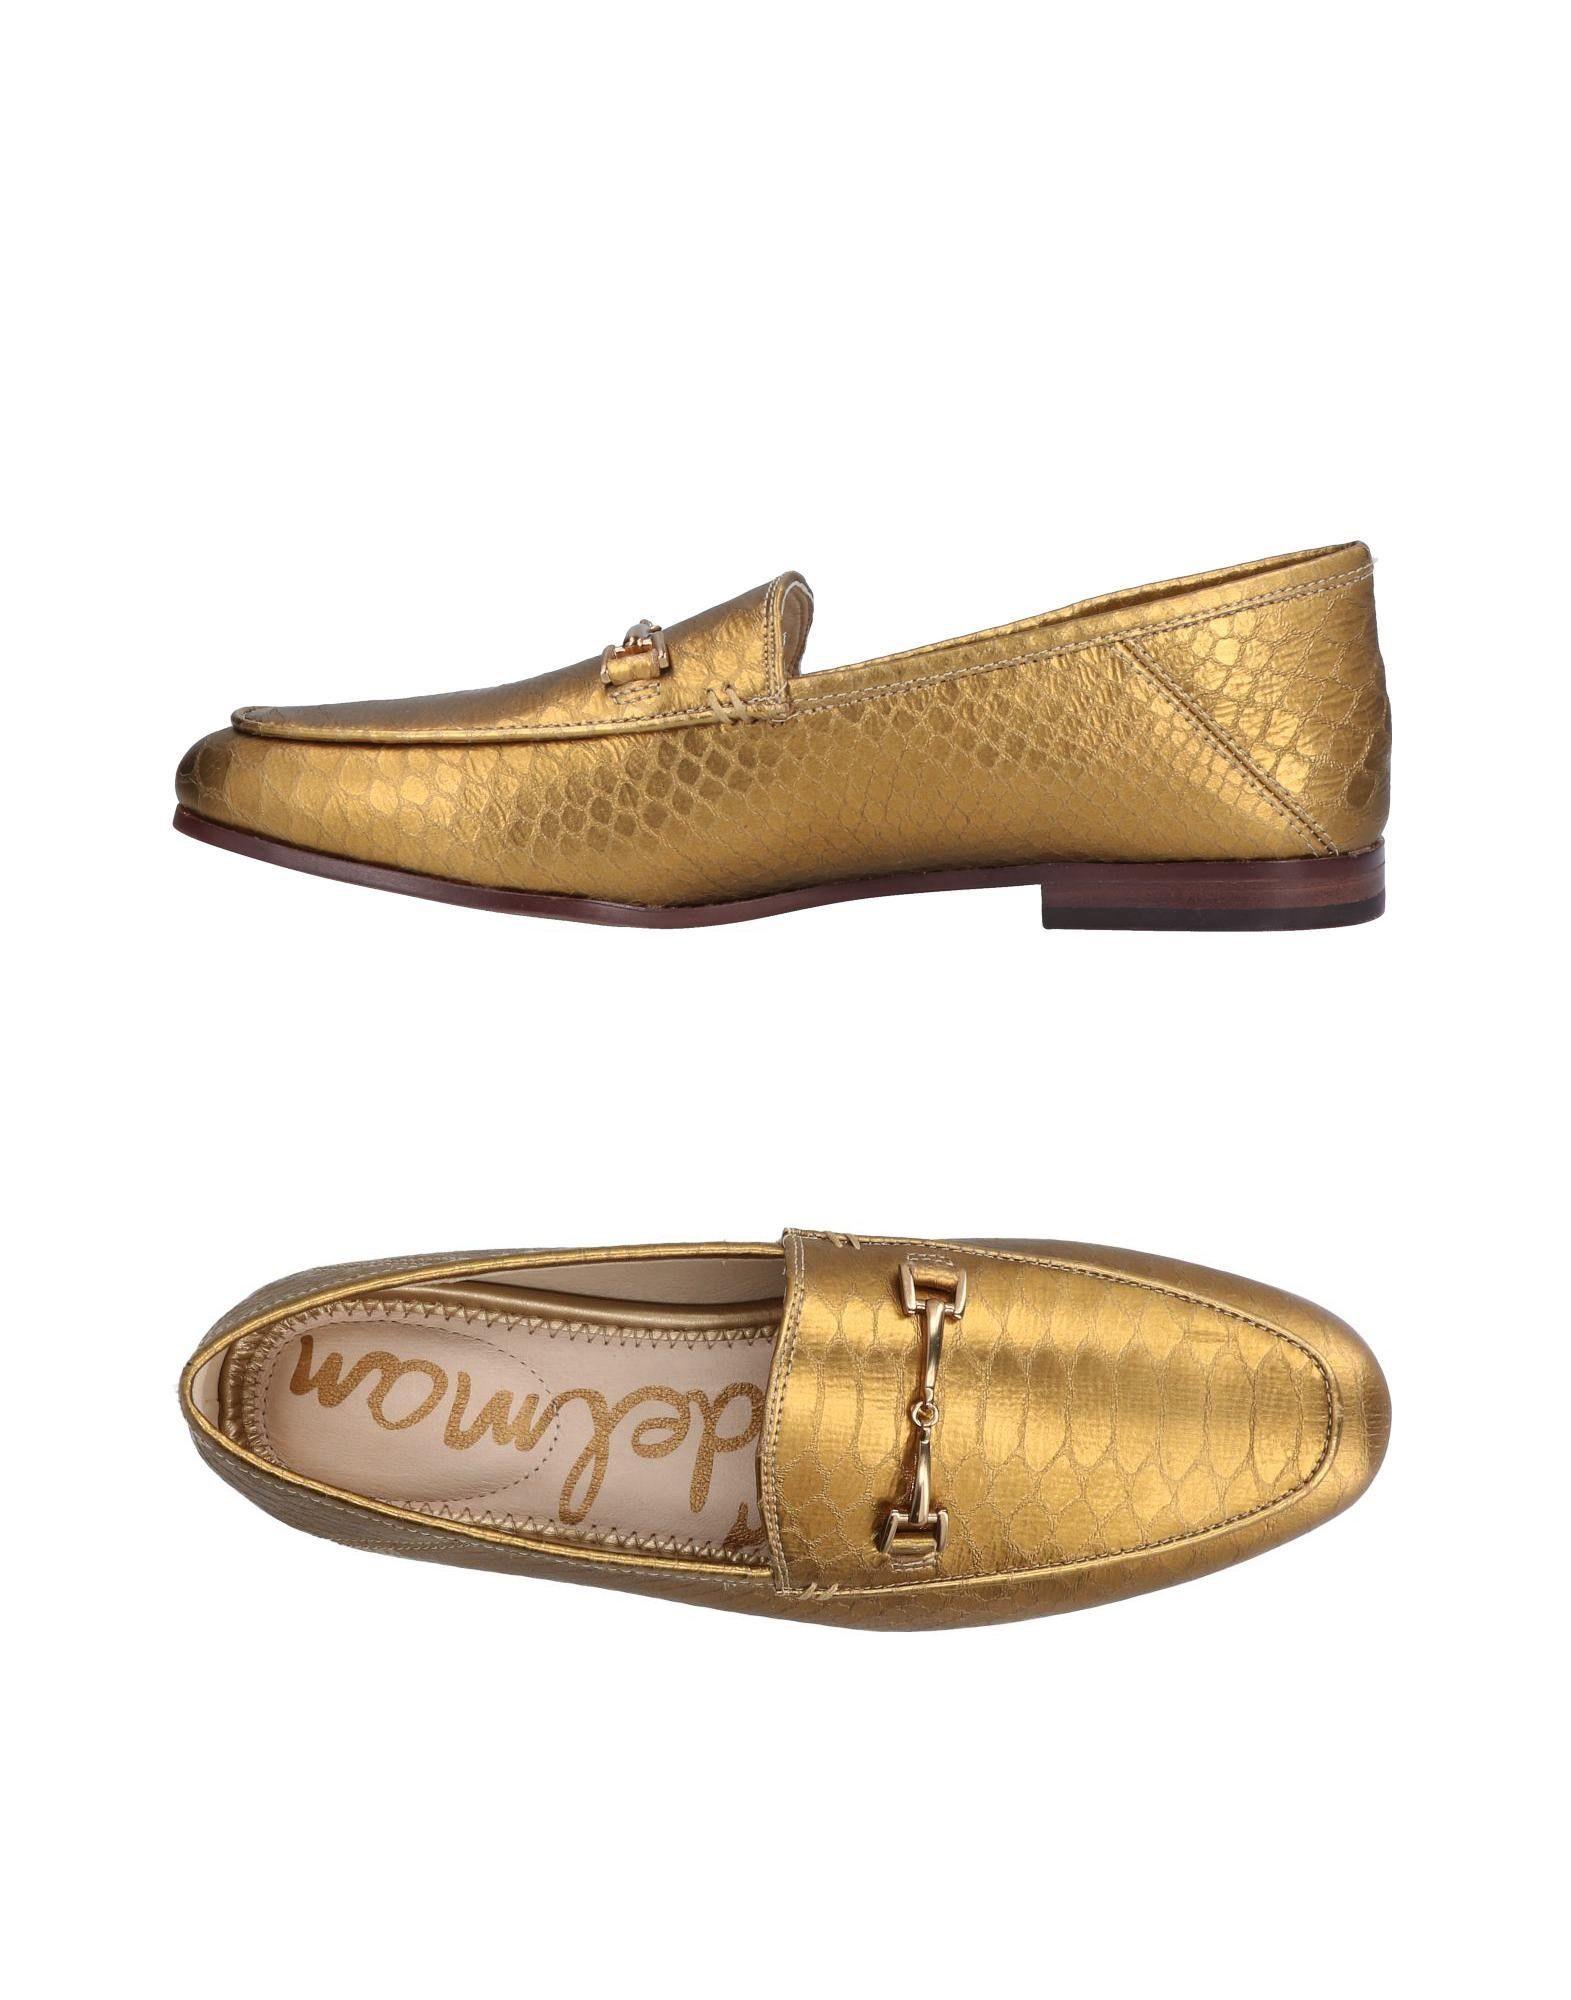 Qualität Edelman Damen 11466180kf Schuhe Beliebte Gute Sam Mokassins LUGqMVpSz